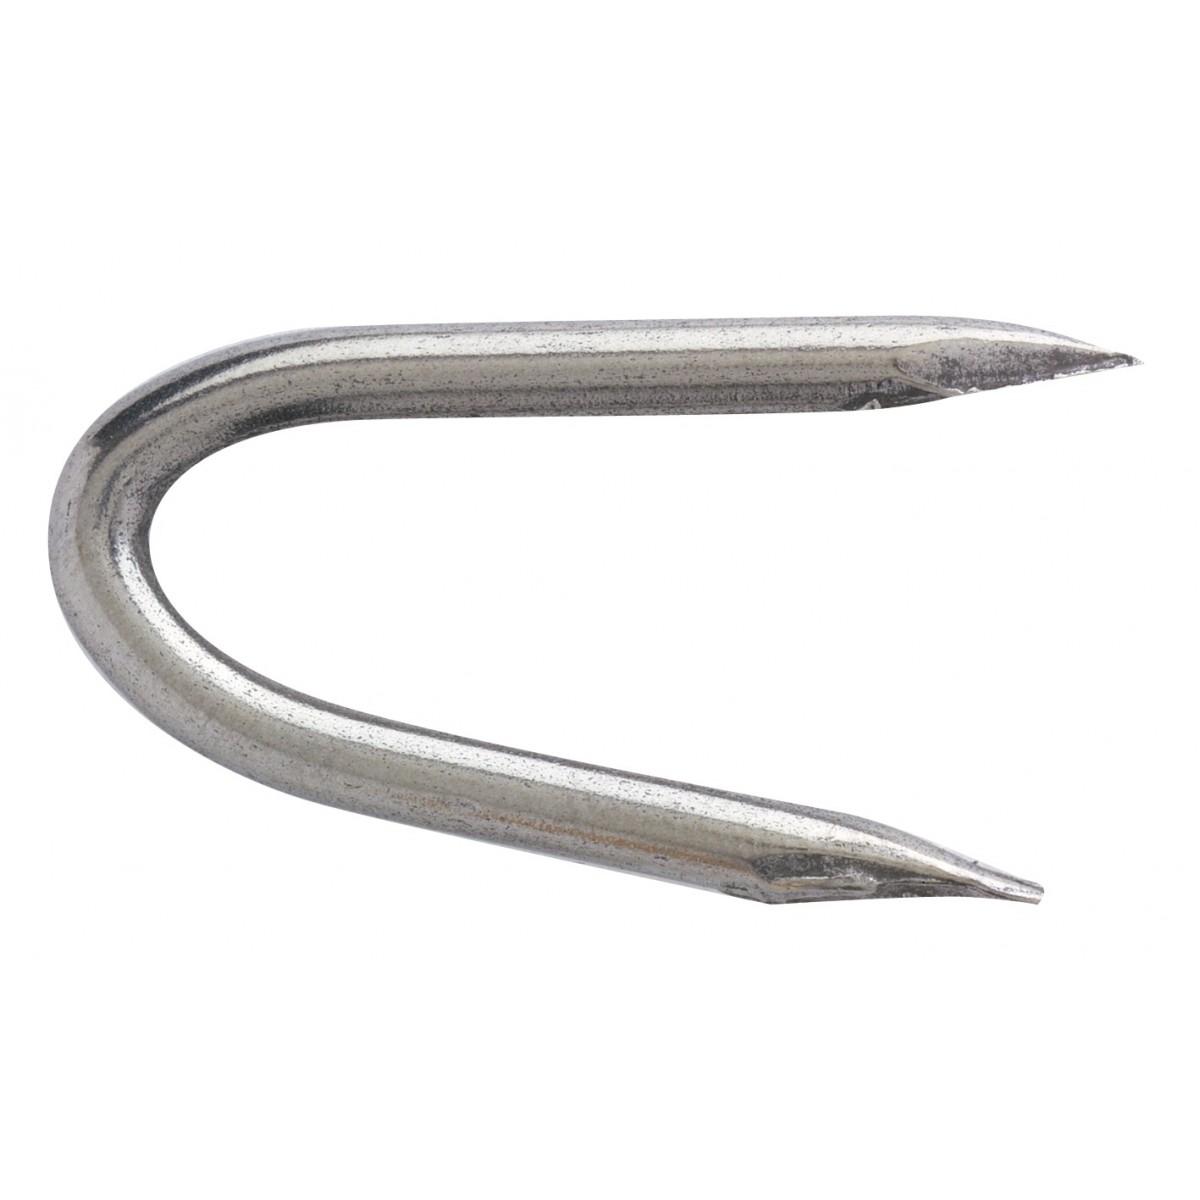 Crampillon clair acier ordinaire TE. Pointes - Longueur 27 mm - Diamètre 2,7 mm - 5 kg